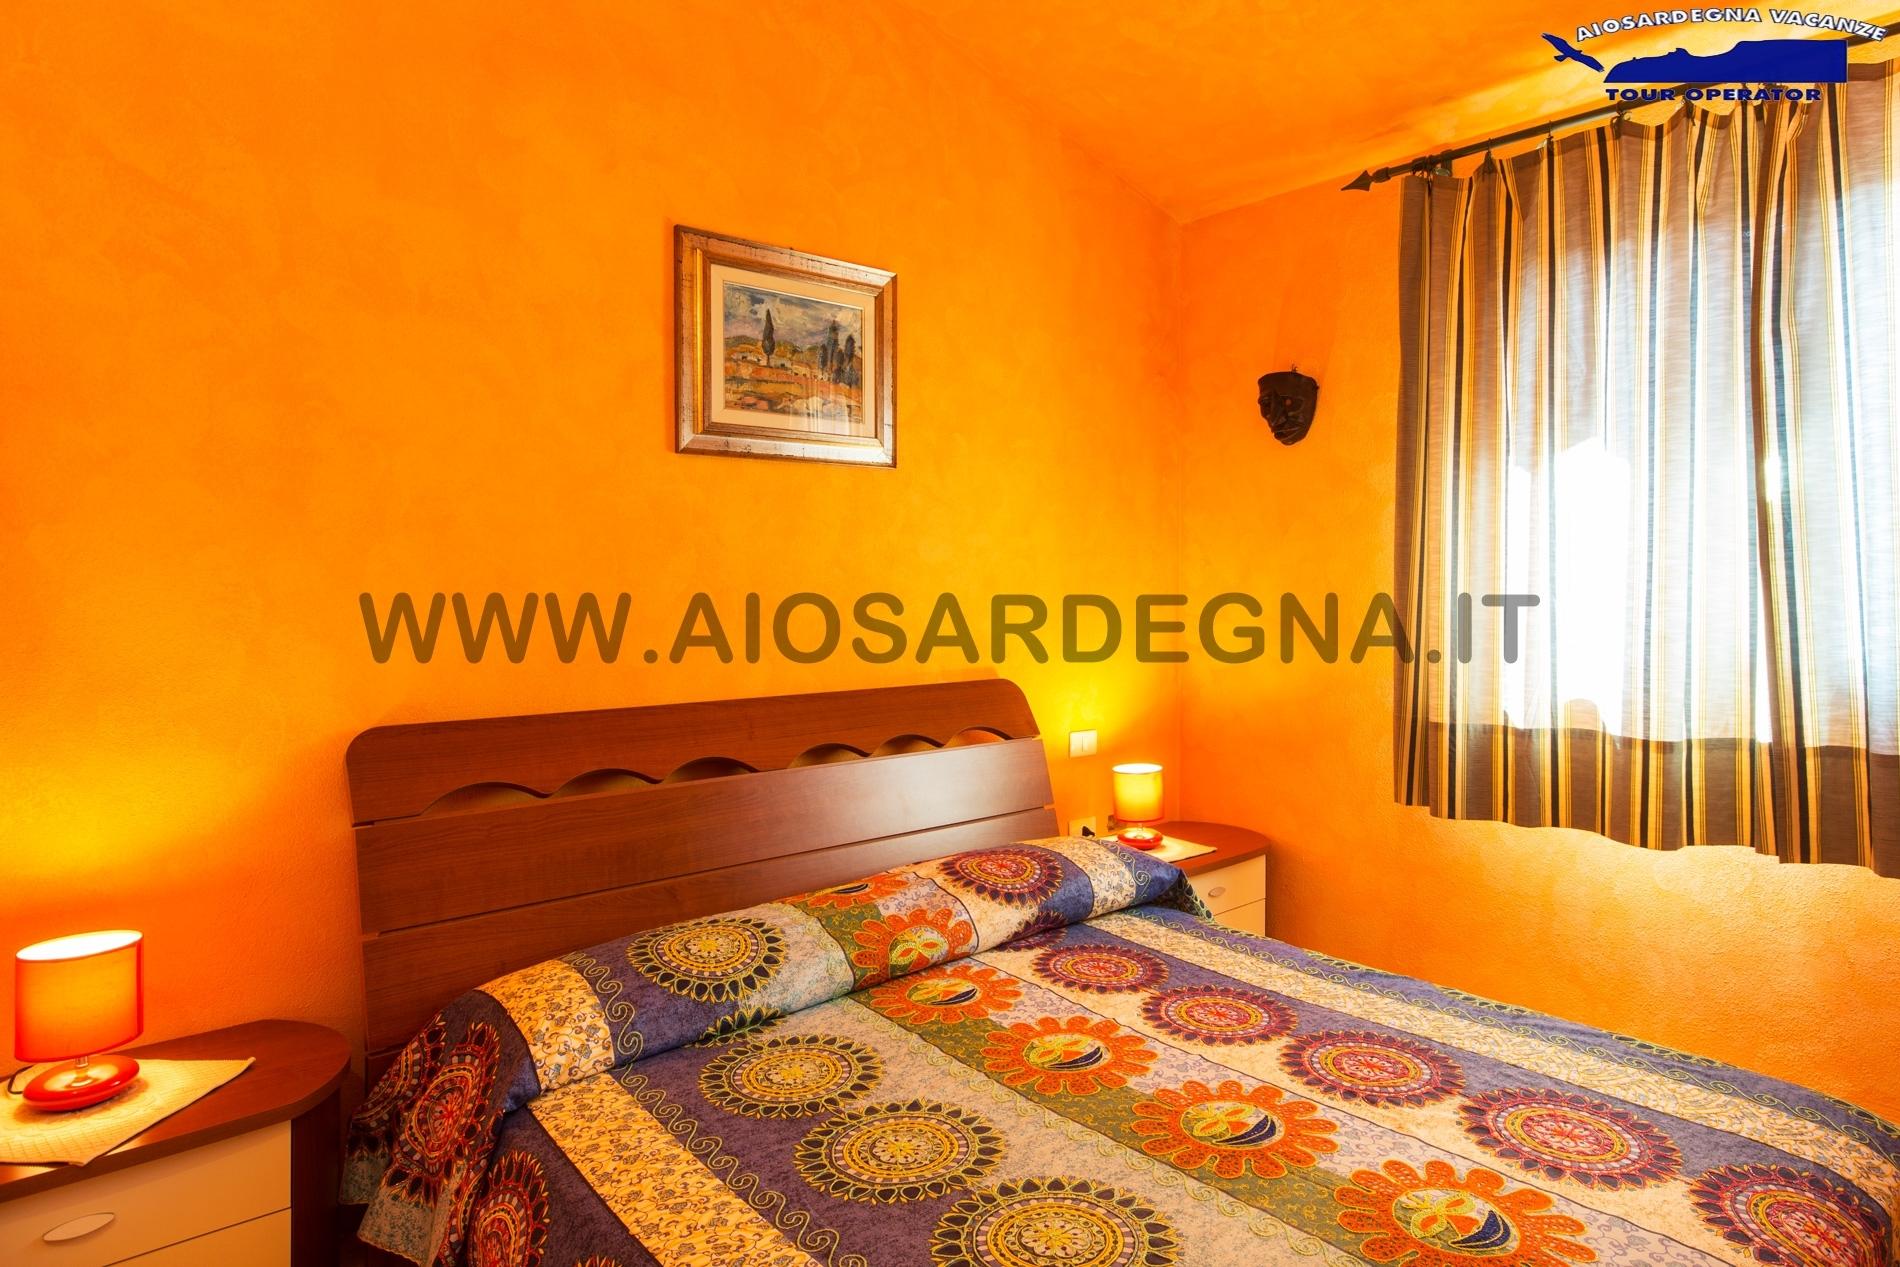 Ferienhaus Sardinien Pula Apartment Urlaub